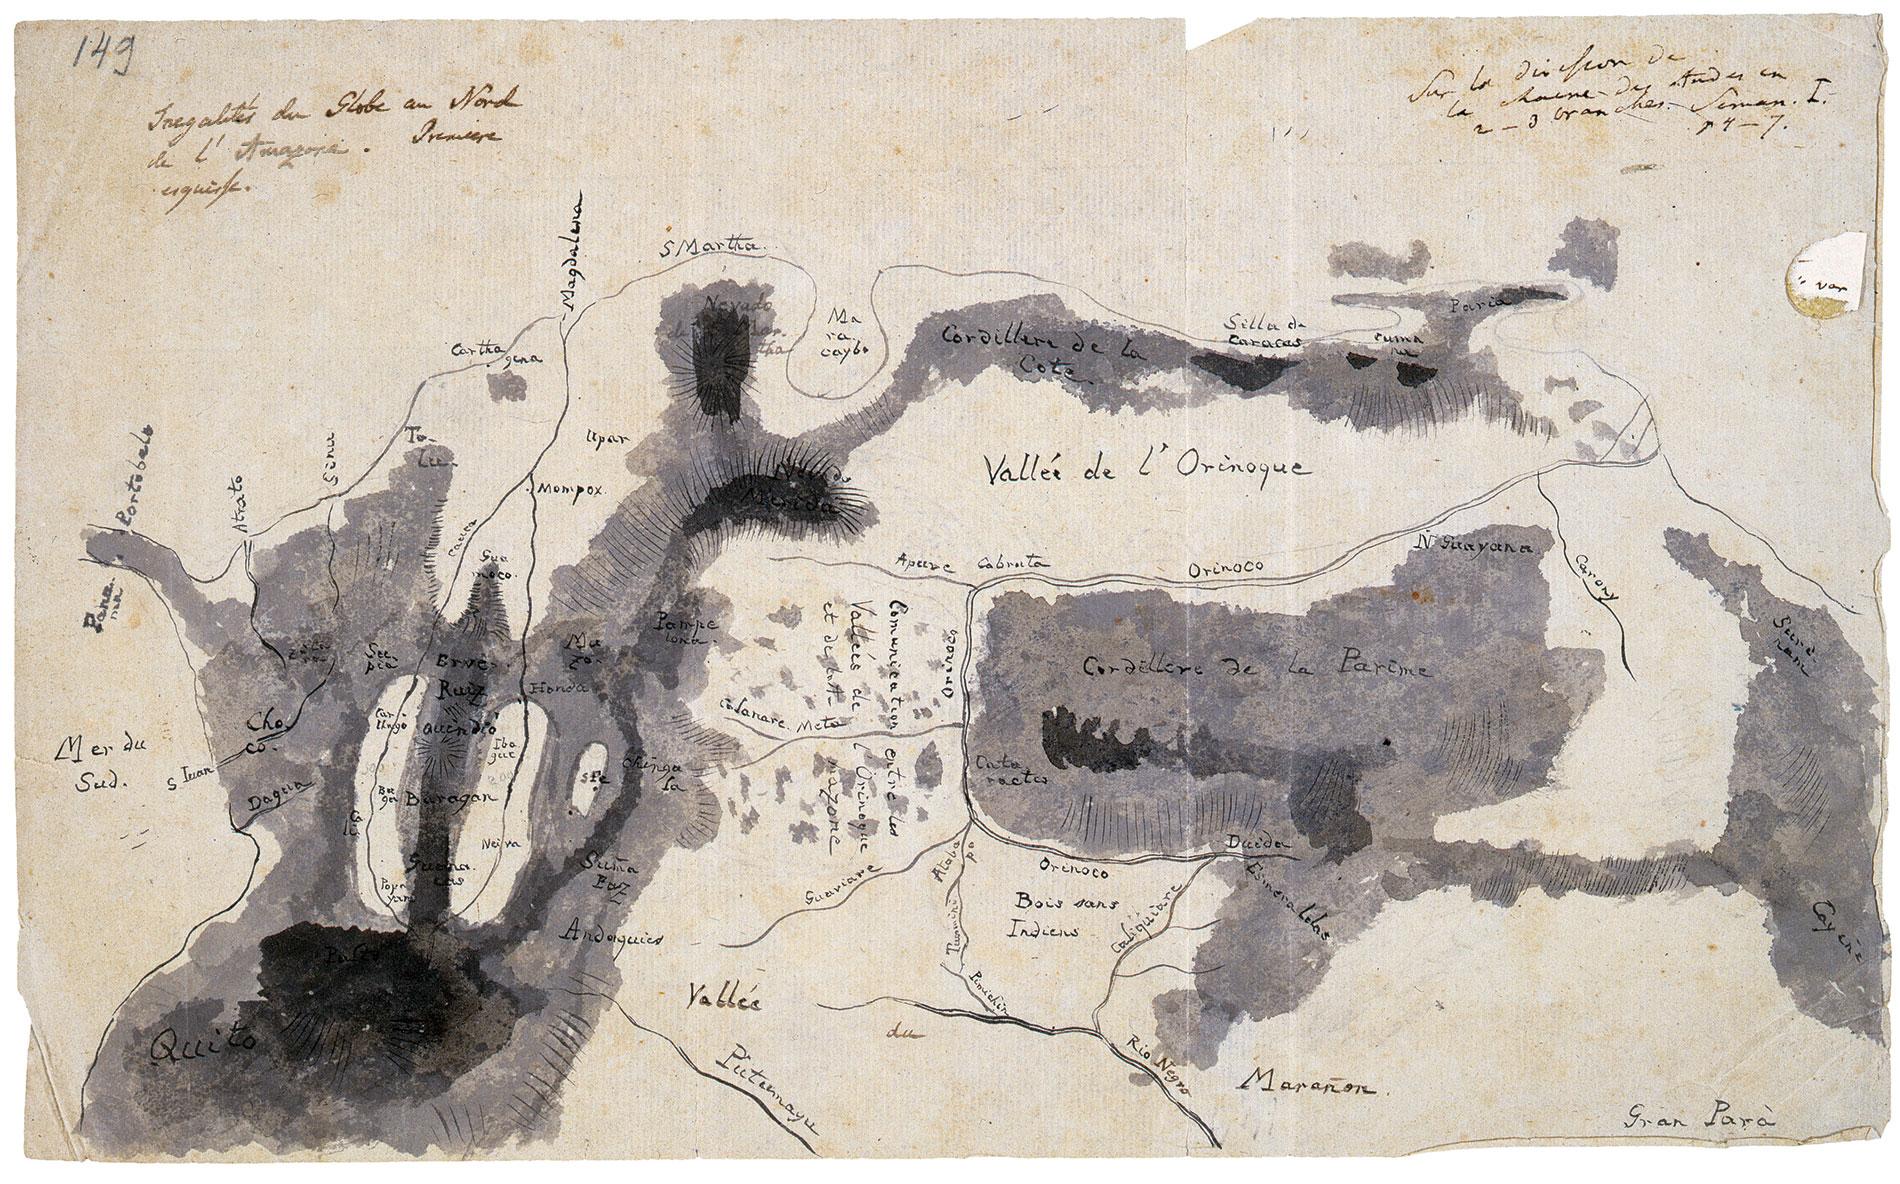 Alexander von Humboldt, Skizze des Orinoco-Gebiets (Tagebuch VIIbb/c, Bl. 149r); Staatsbibliothek zu Berlin